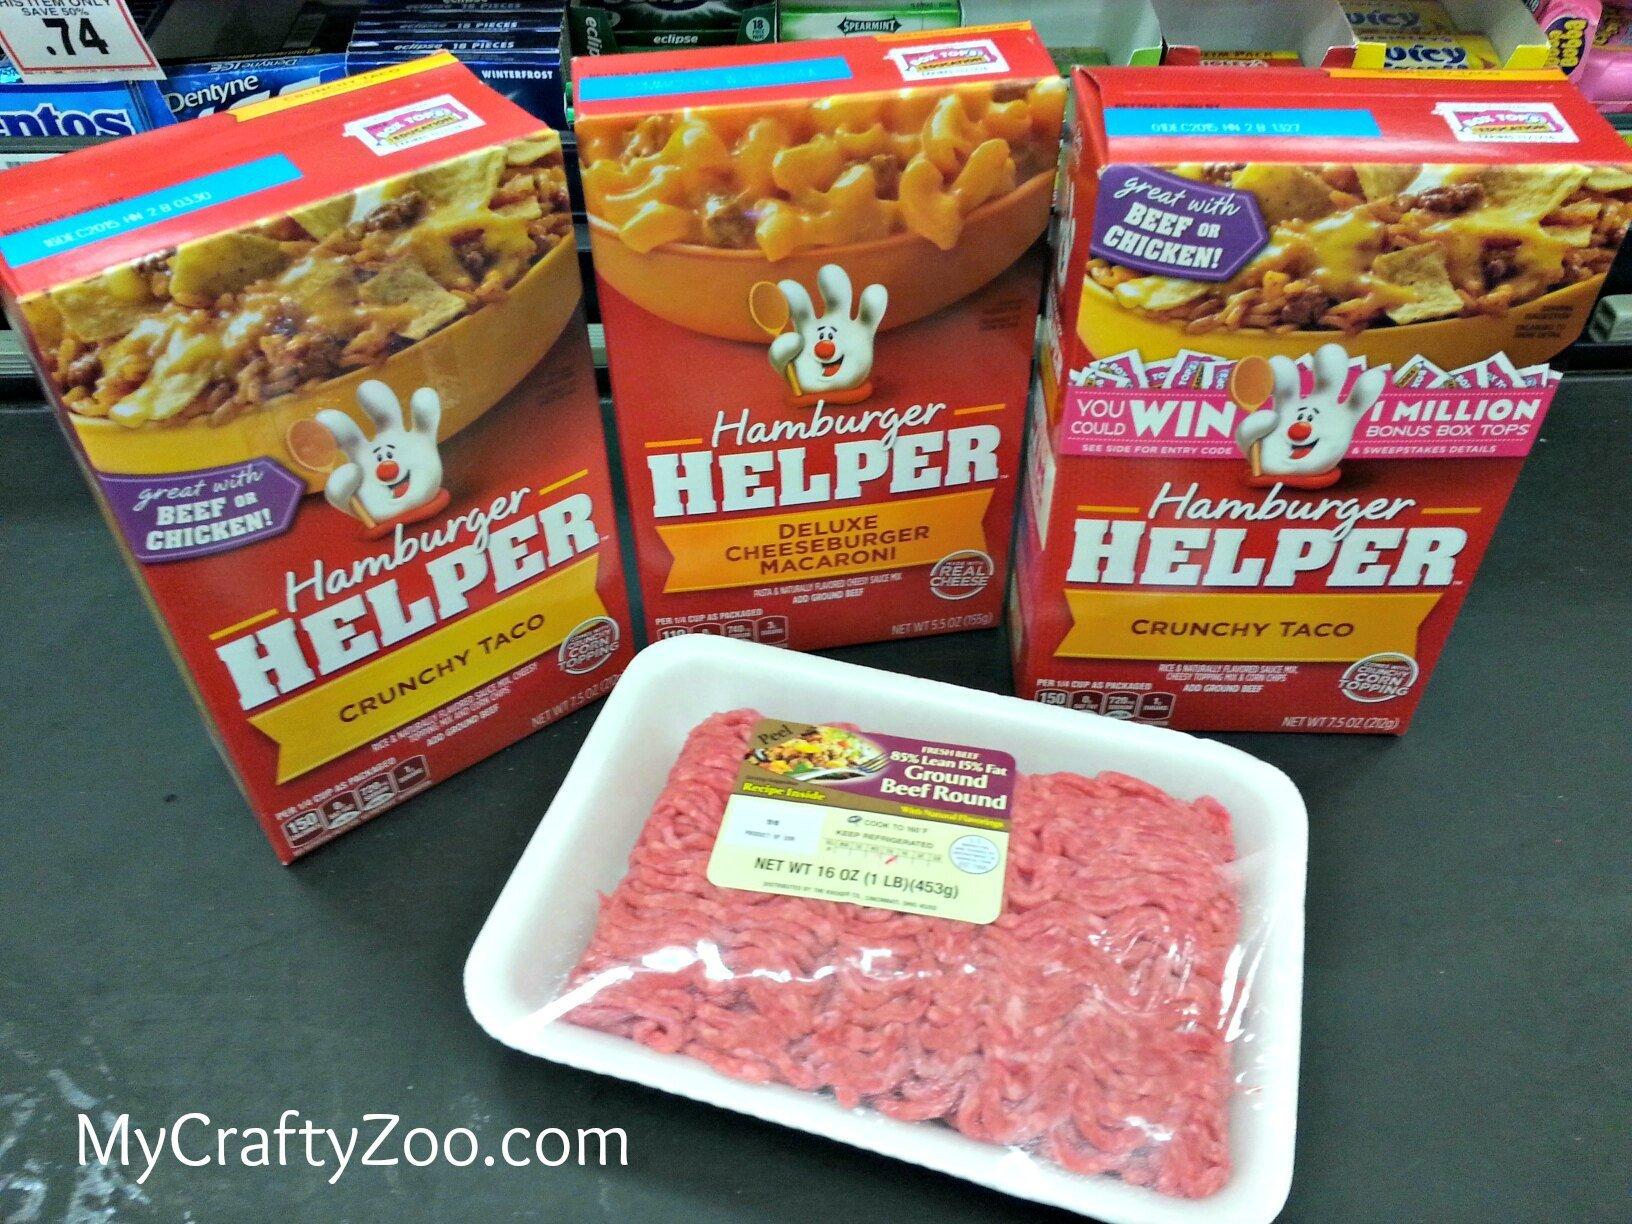 #Free Ground Beef with Hamburger Helper #sp